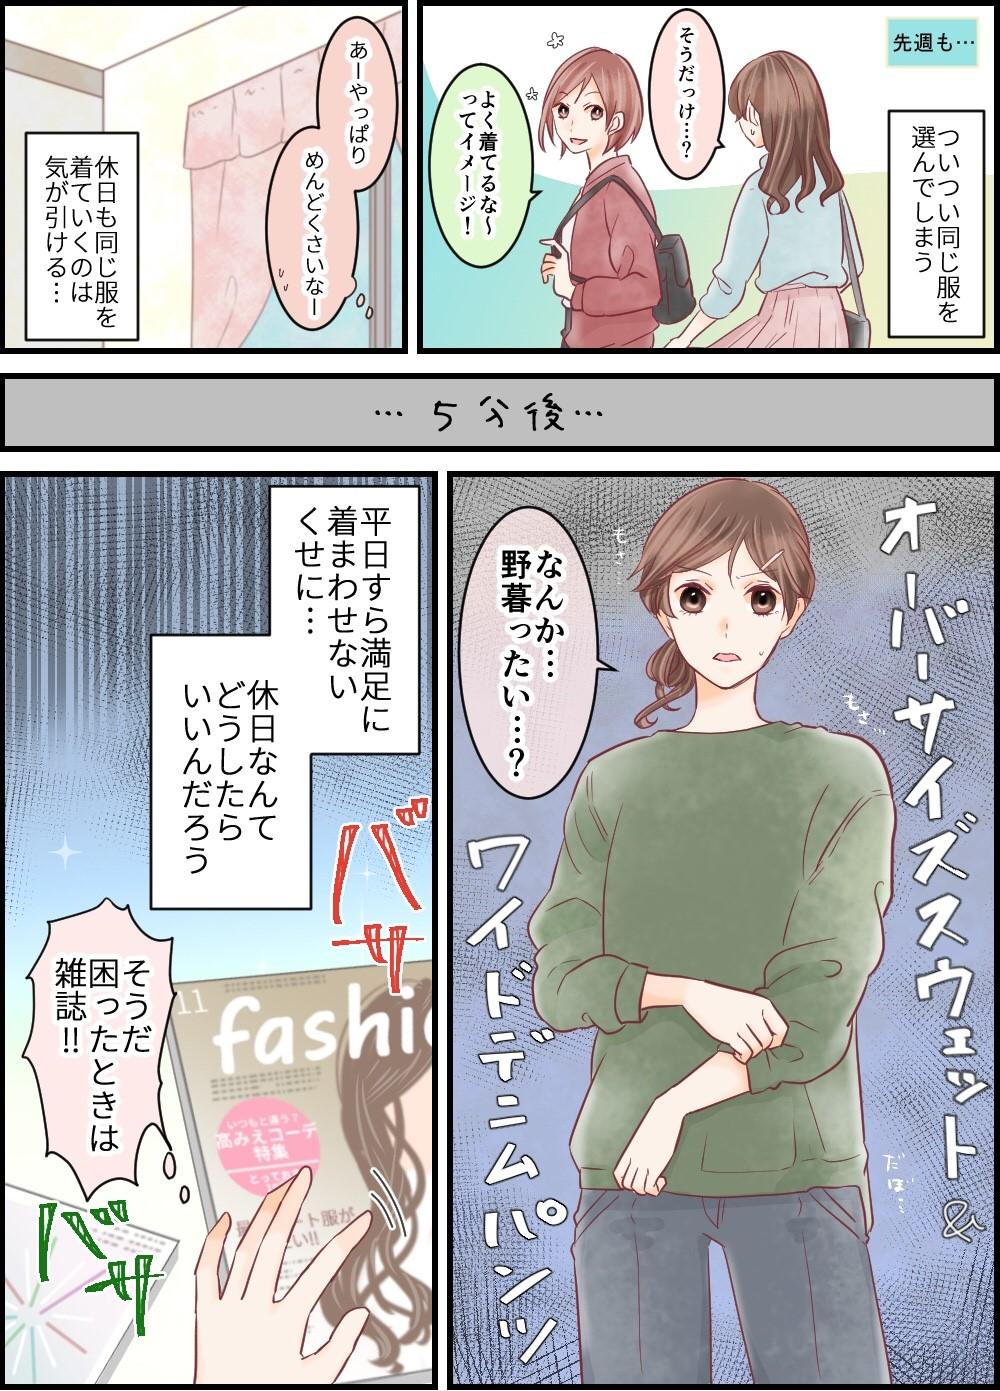 asukoi_002_002